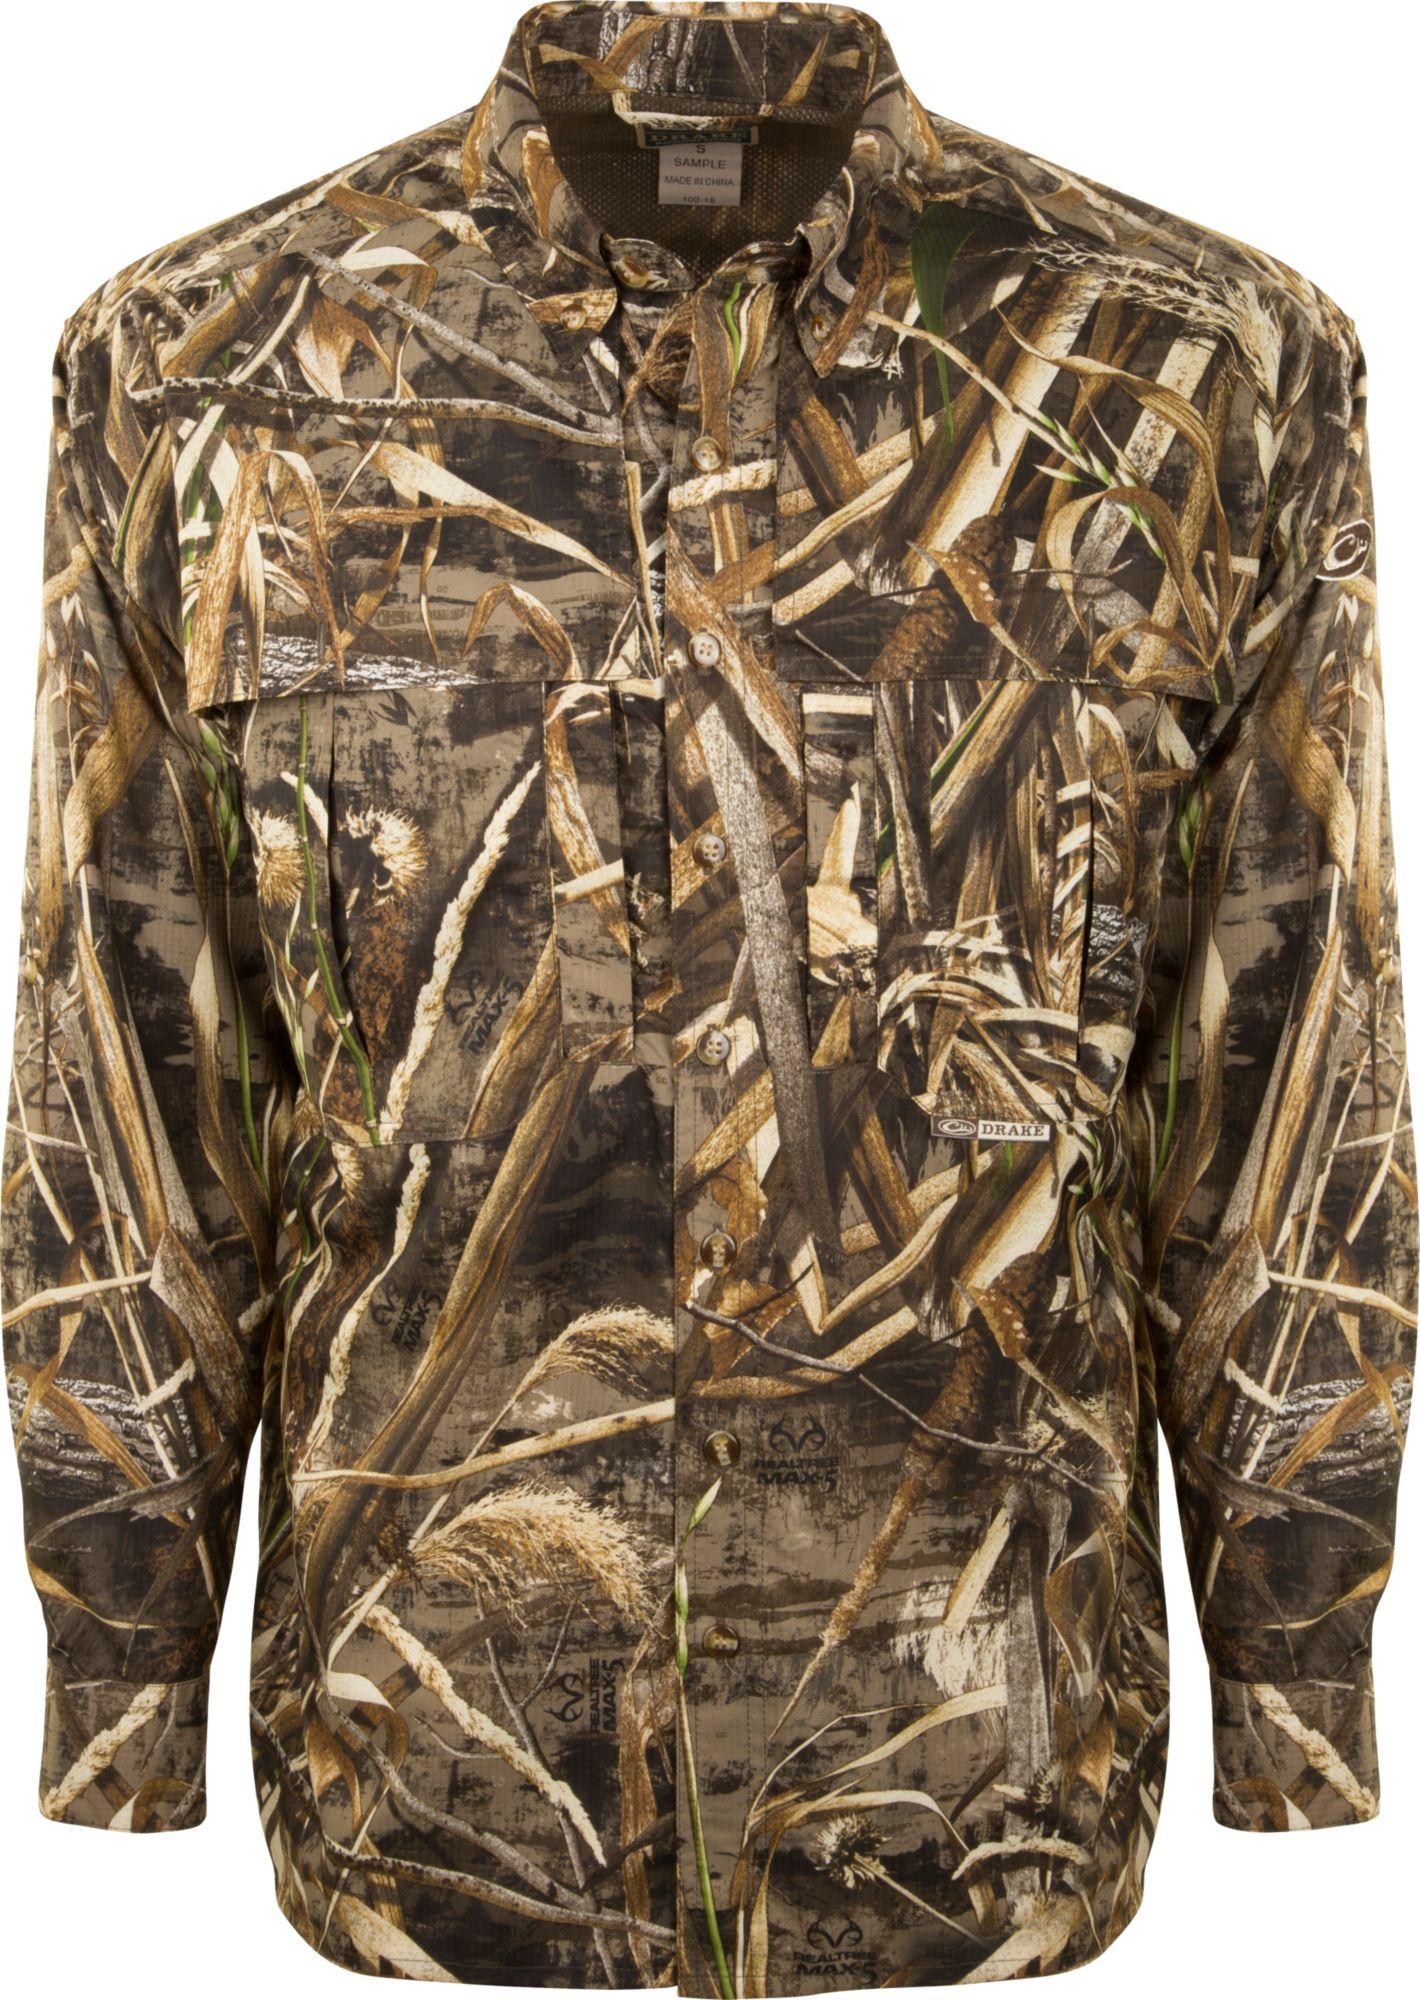 b941349e75ec3 Drake Waterfowl Men's Camo Flyweight Wingshooter's Hunting Shirt ...